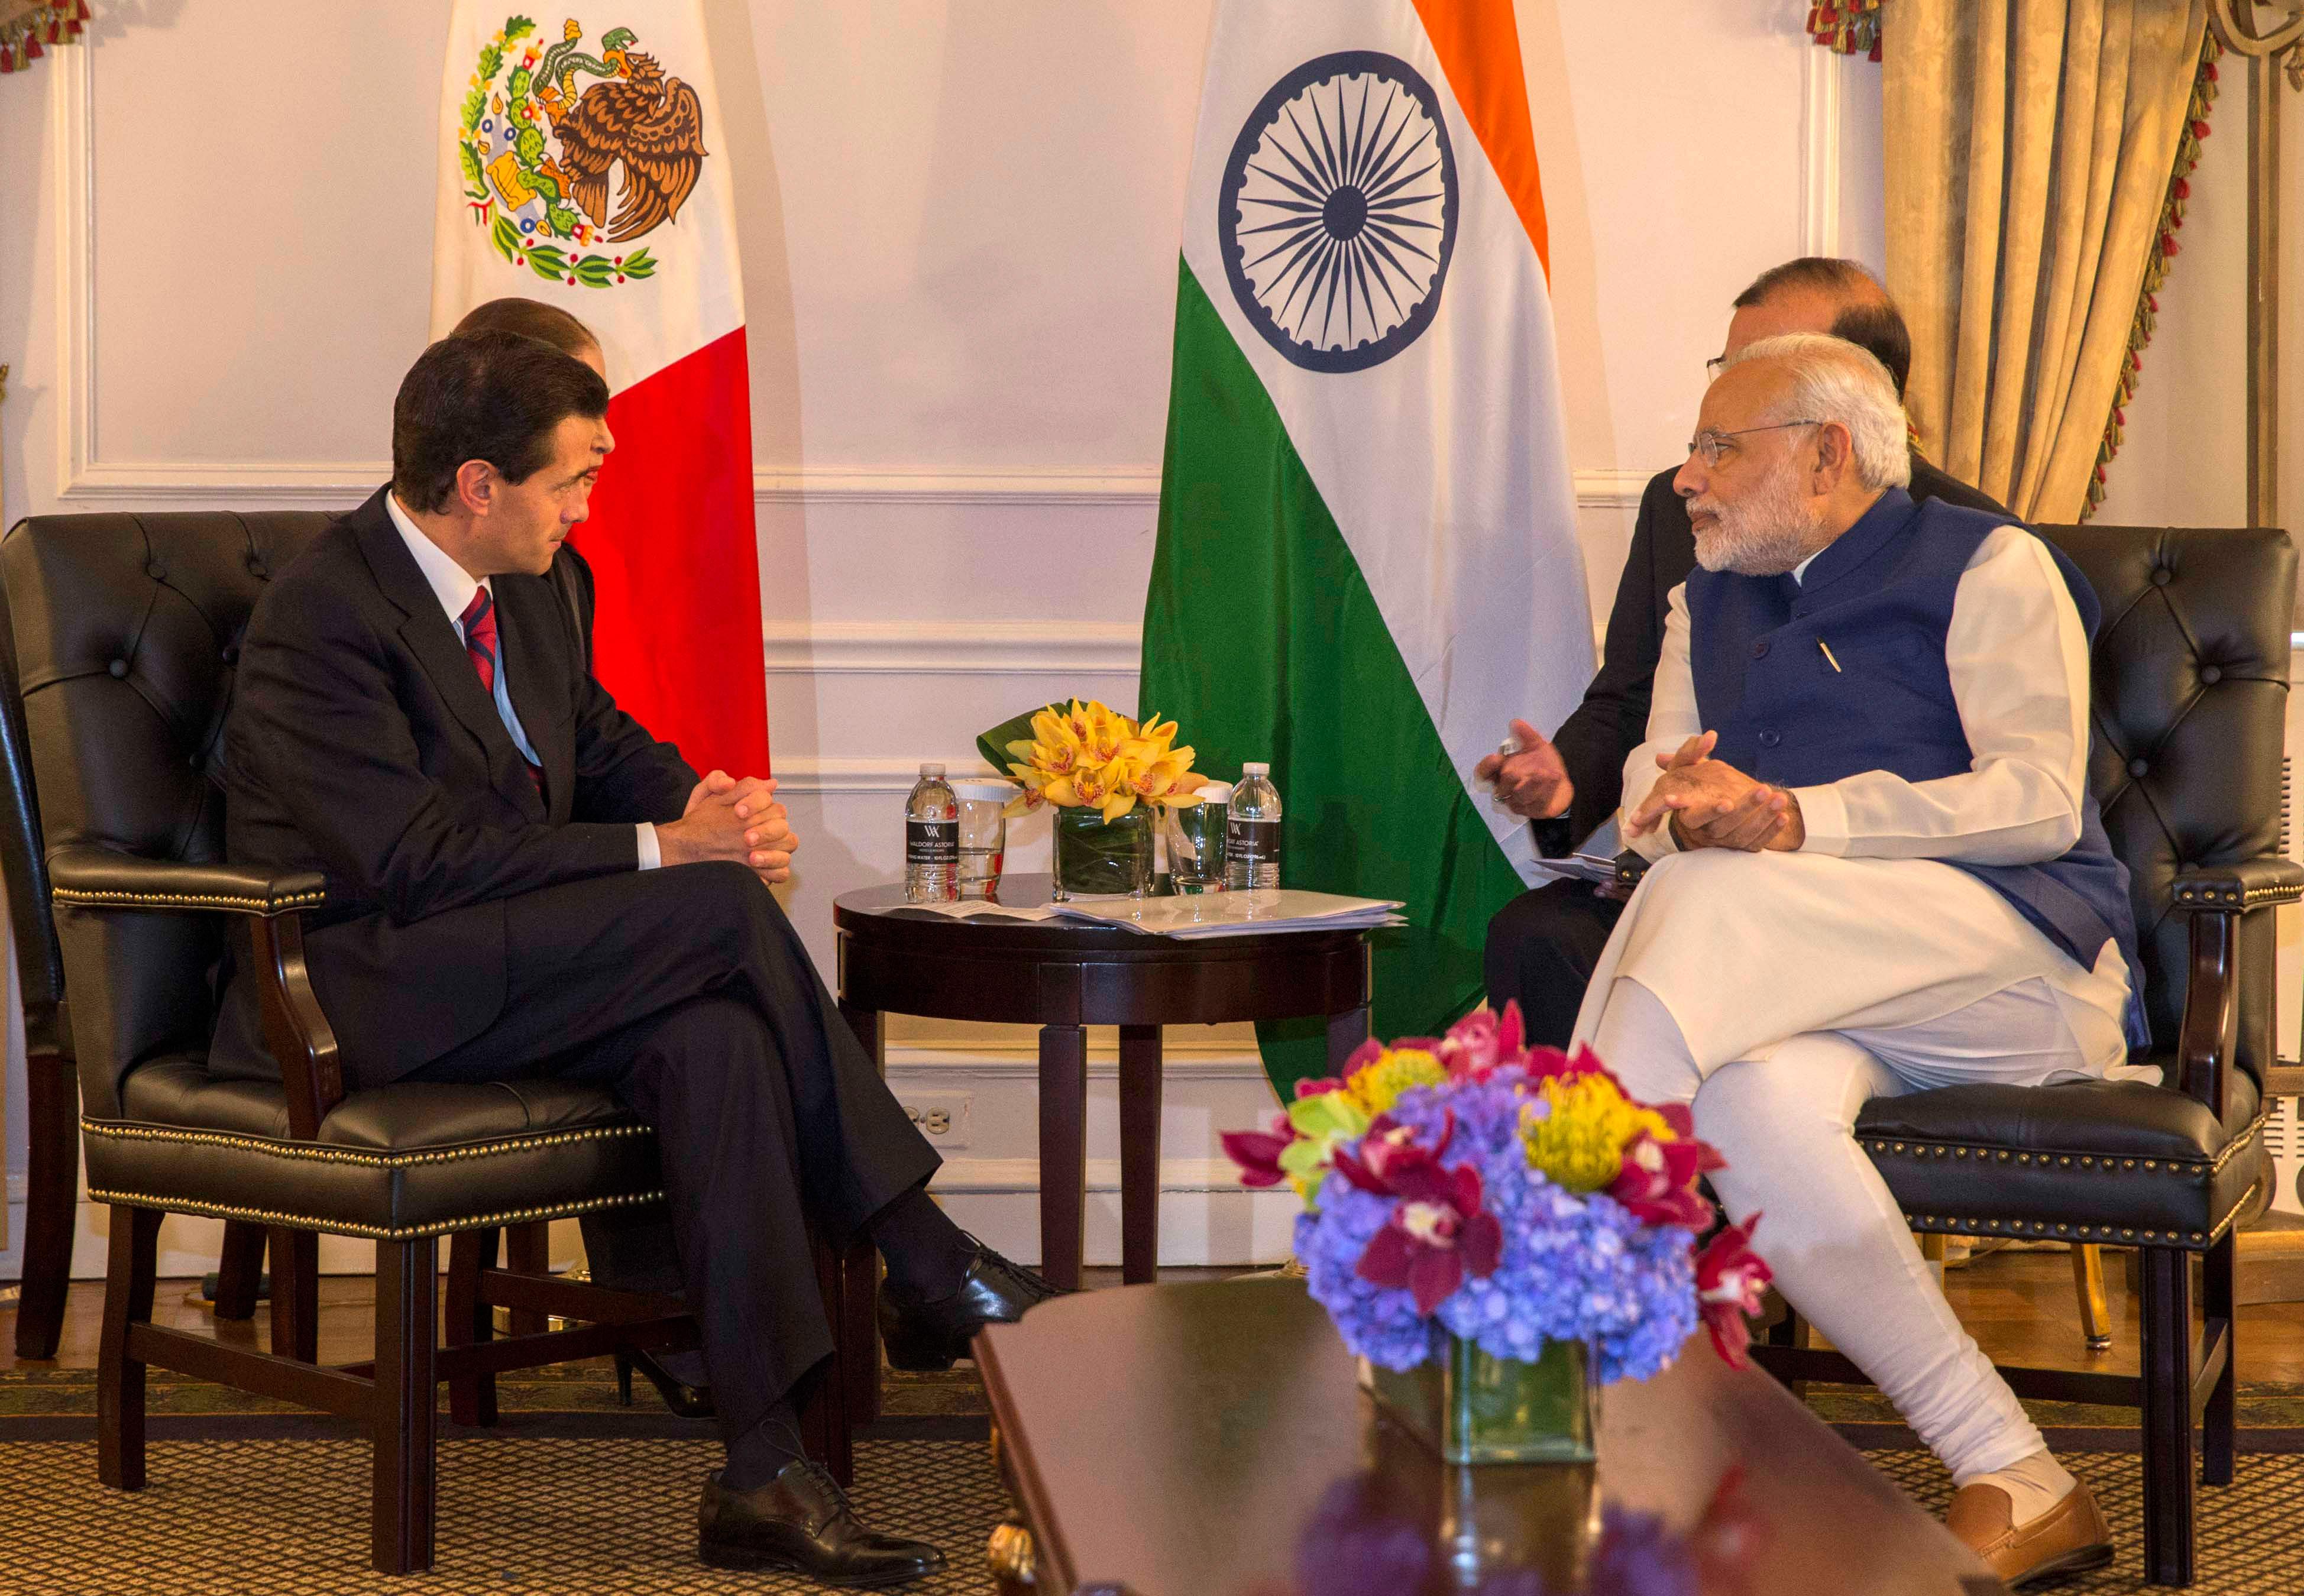 El Primer Ministro invitó al Mandatario mexicano a realizar una visita a su país y le expresó su interés de promover mayores inversiones en varias áreas económicas en México.